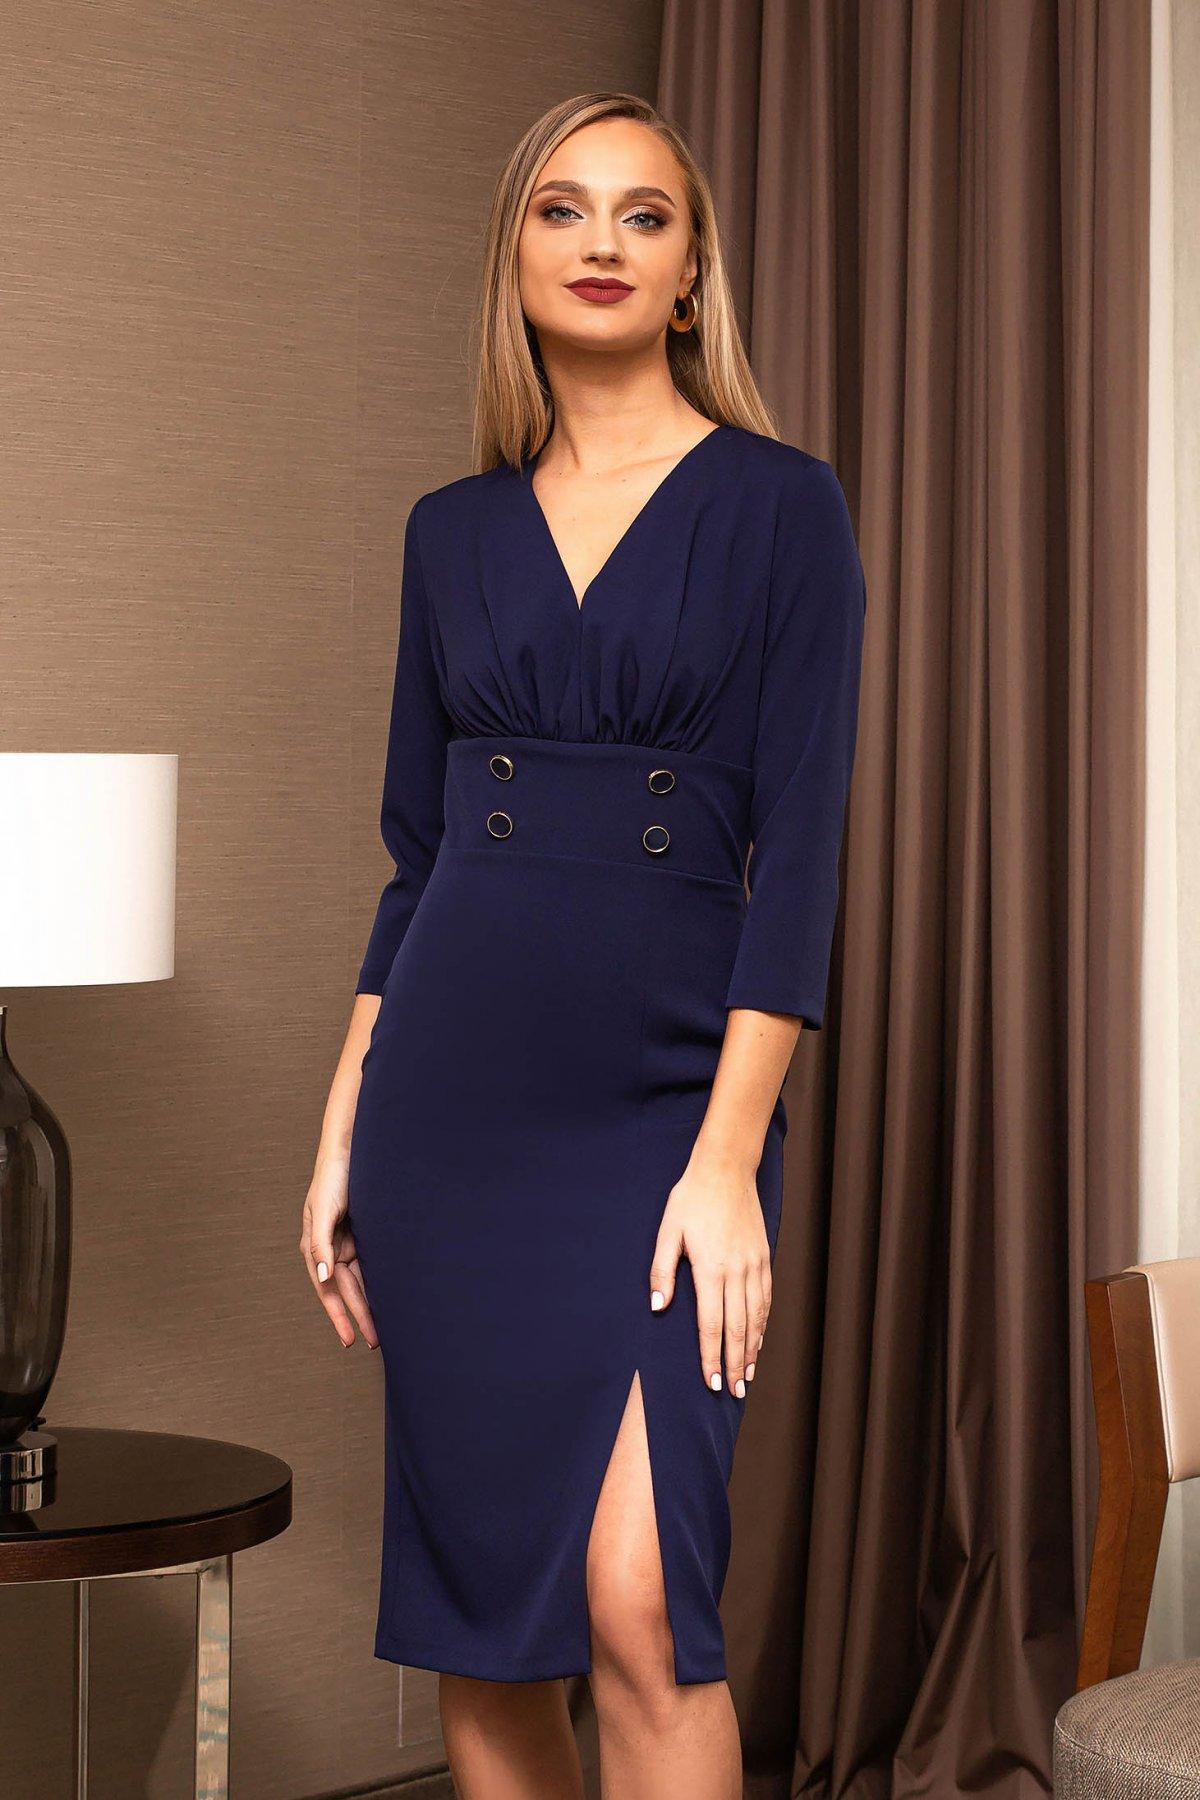 Rochie albastru-inchis PrettyGirl eleganta accesorizata cu nasturi cu maneca 3/4